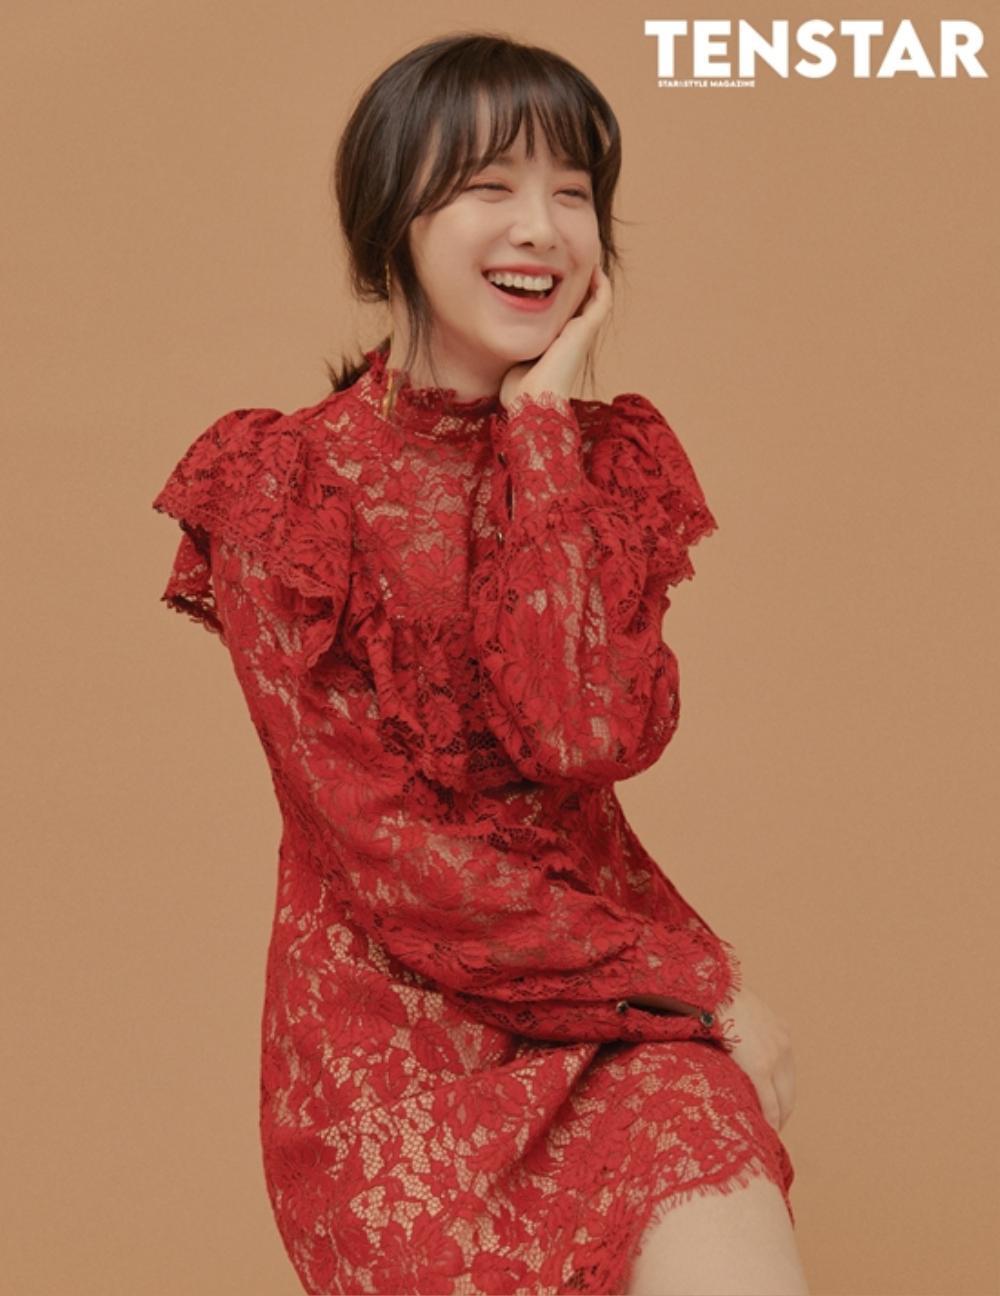 Goo Hye Sun giảm 14 kg, mảnh mai như thời 'Vườn sao băng': Ly hôn là đúng đắn! Ảnh 1